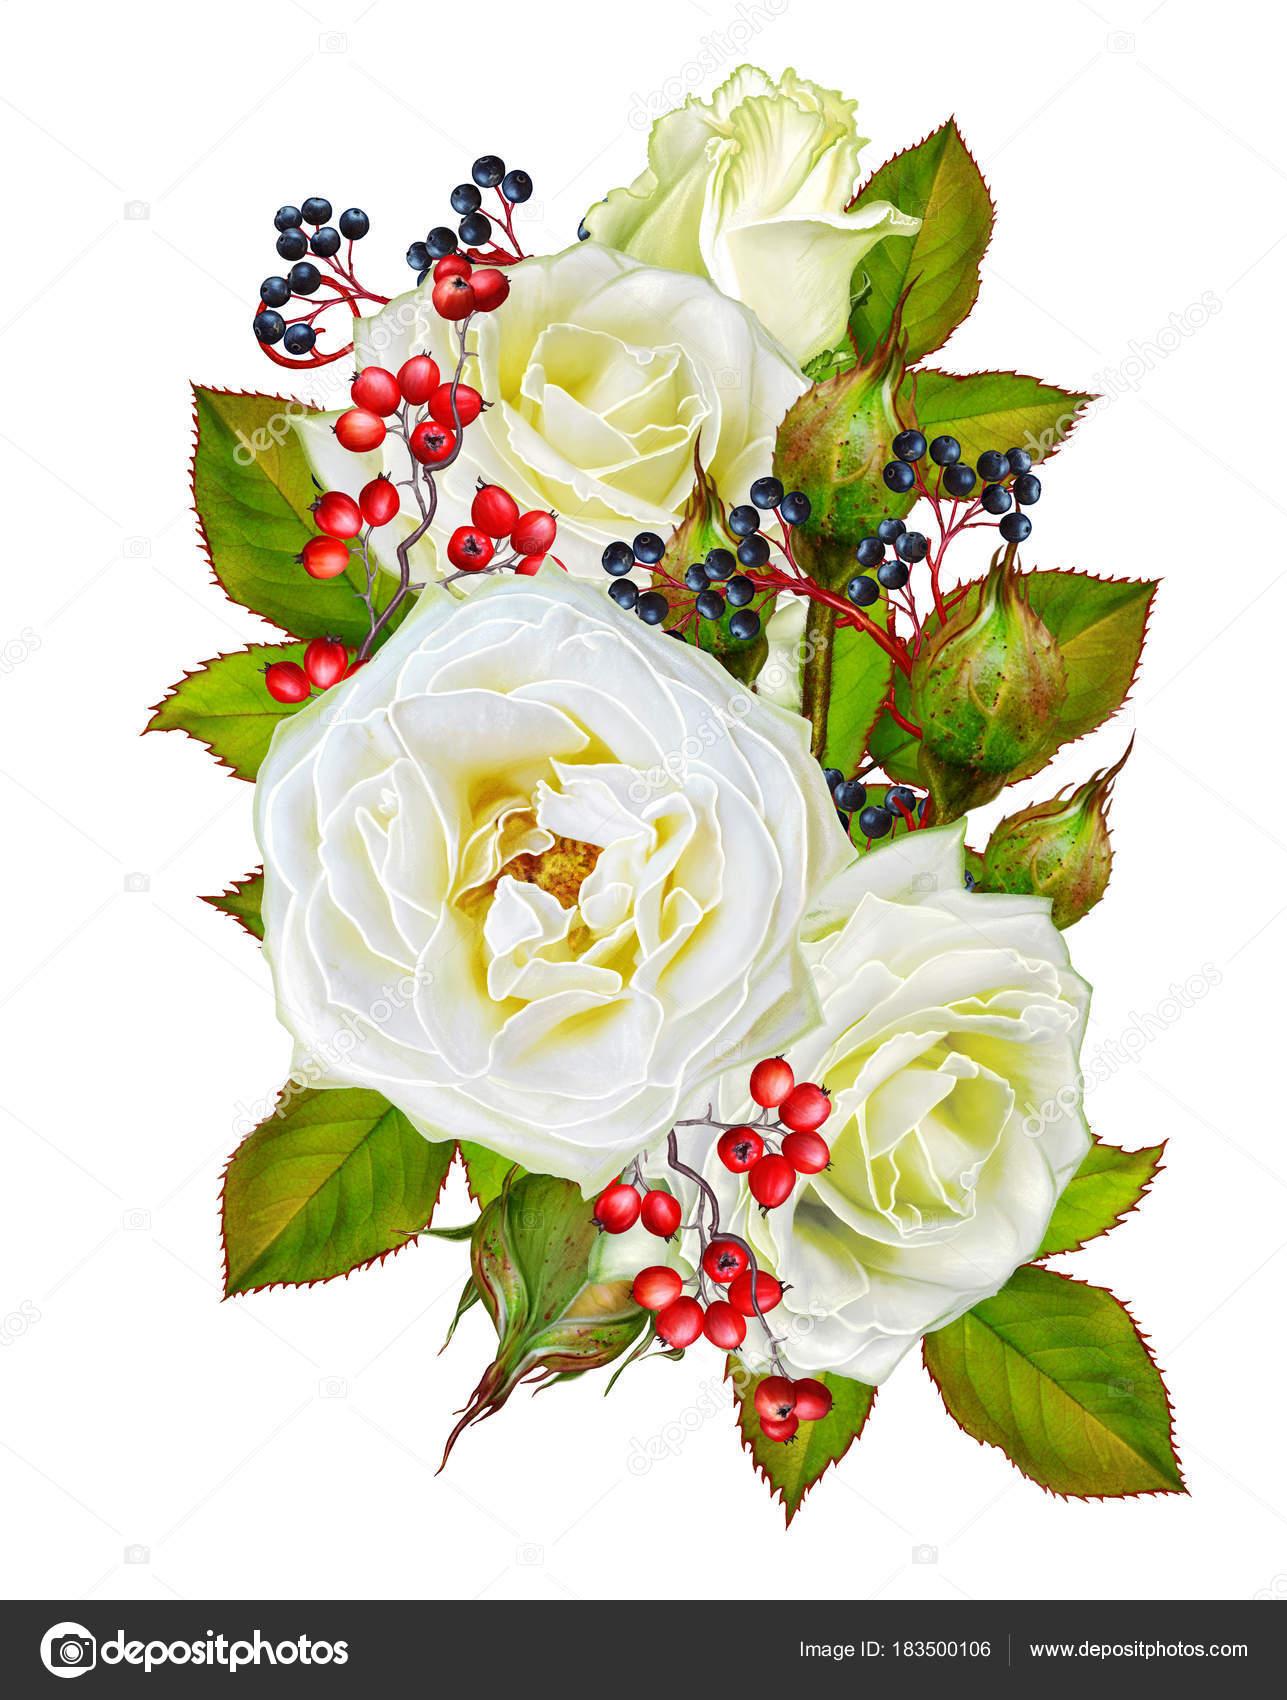 Открытка с благодарностью цветы и ягоды в букете